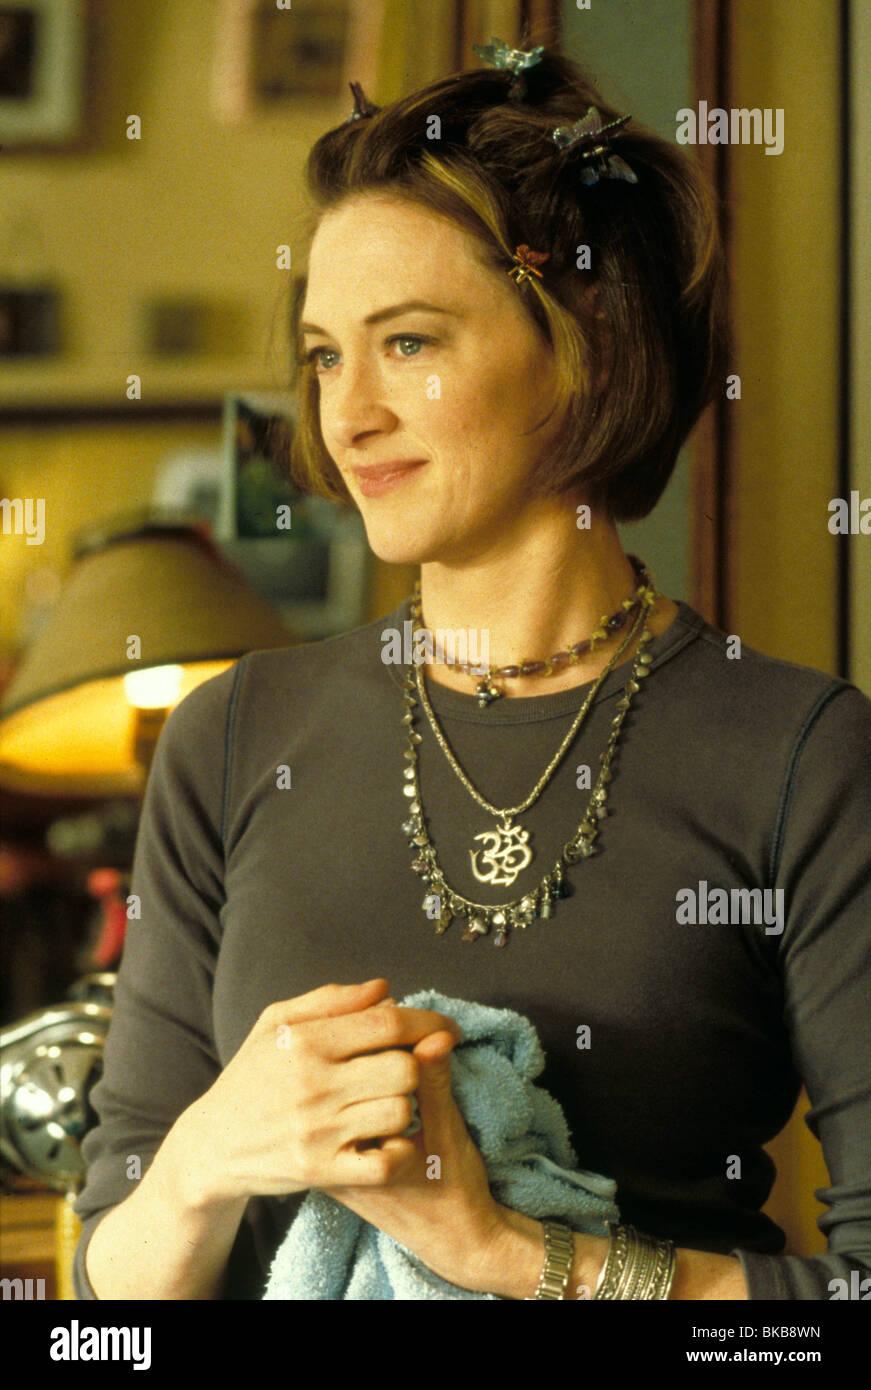 RUNAWAY BRIDE -1999 JOAN CUSACK - Stock Image